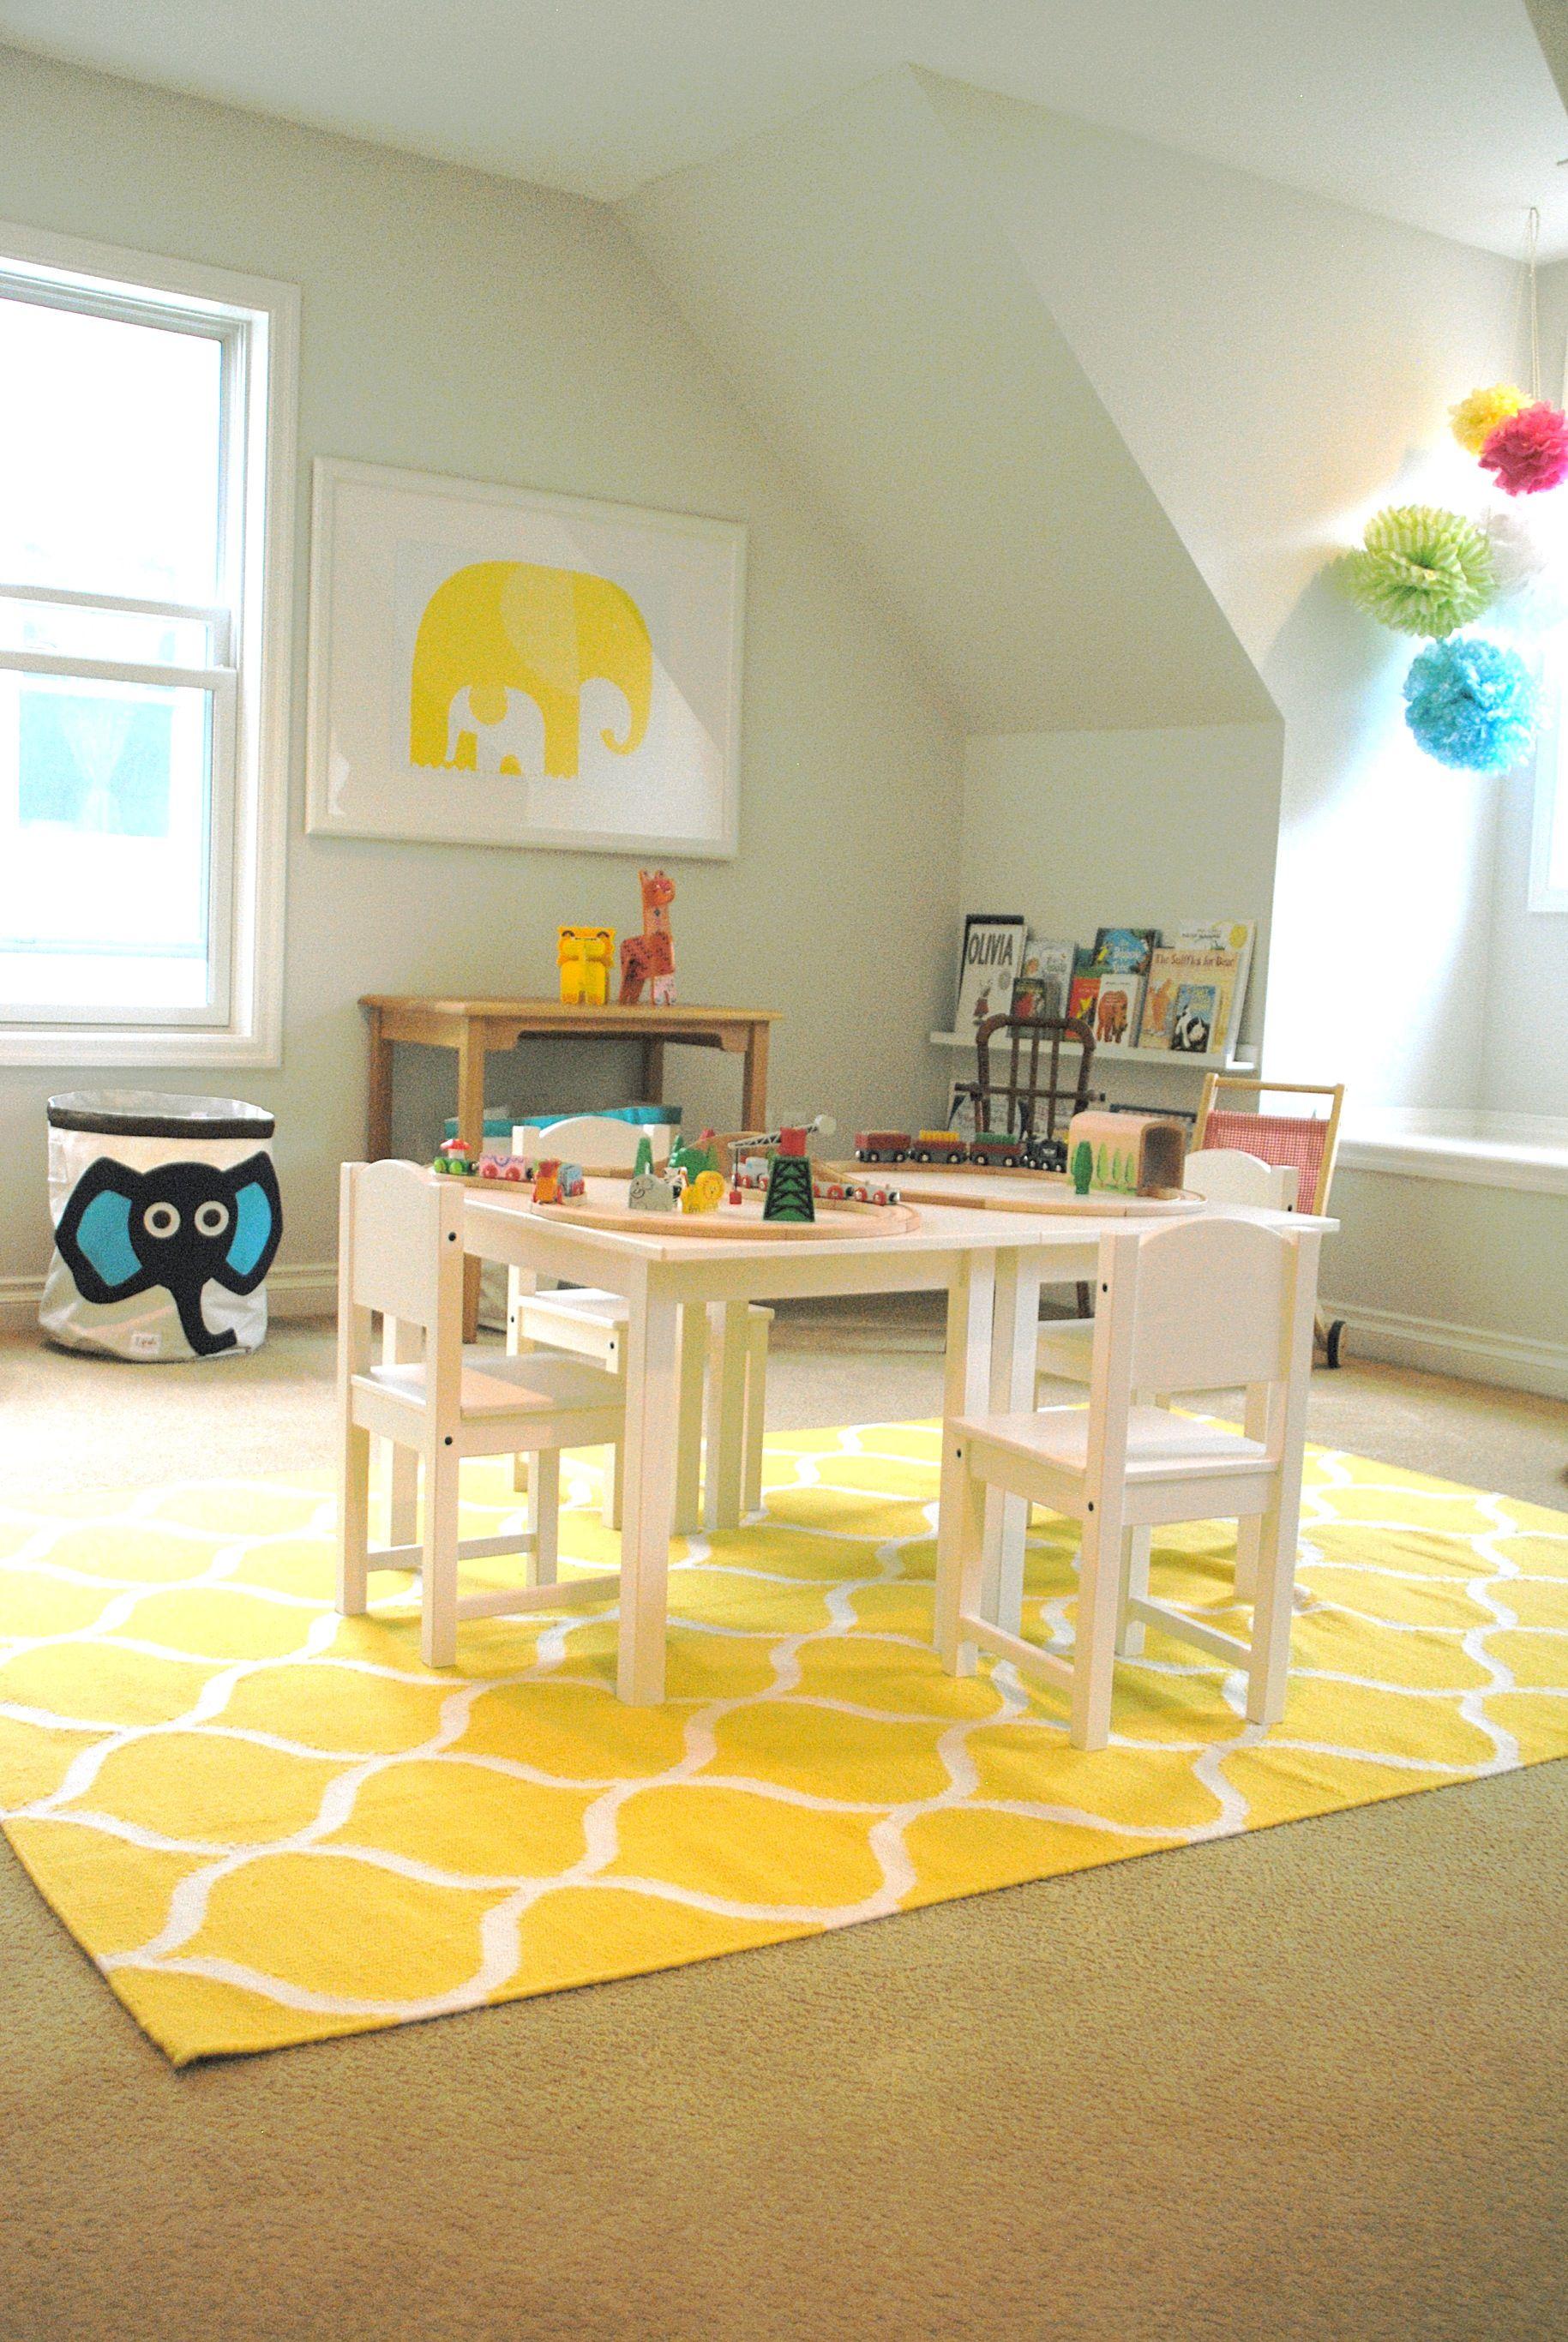 Ikea play table and chairs, Ikea area rug, ikea elephant art, 10